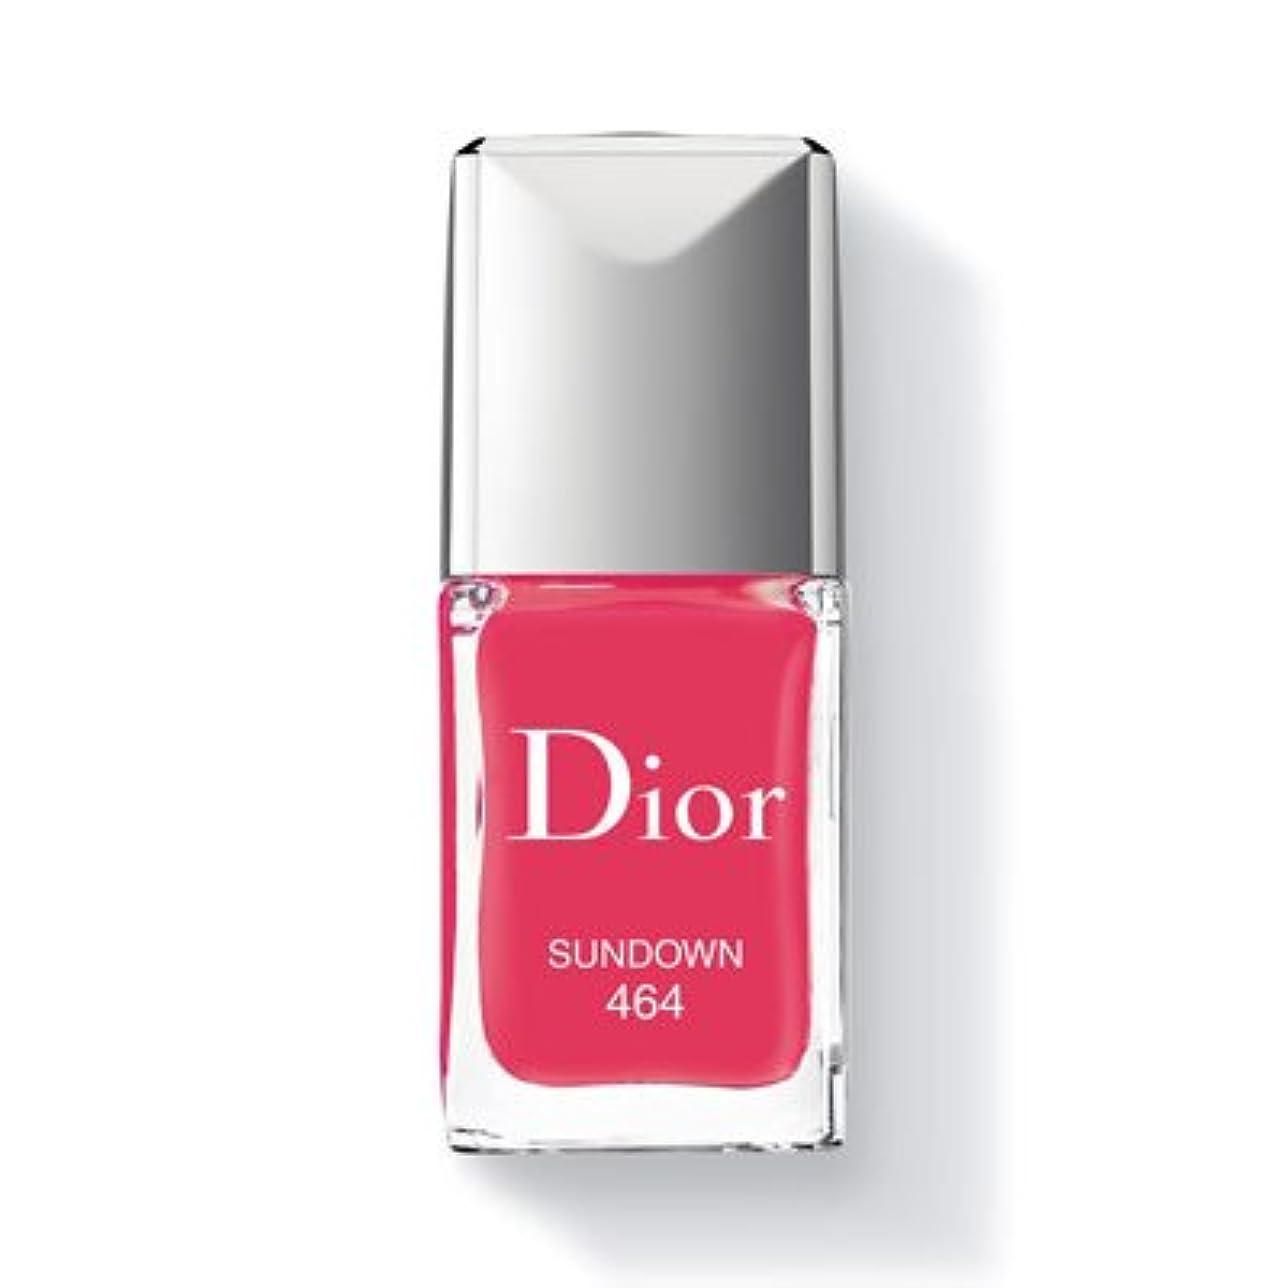 階段状楽しむChristian Dior クリスチャン ディオール ディオール ヴェルニ #464 SUNDOWN 10ml [並行輸入品]